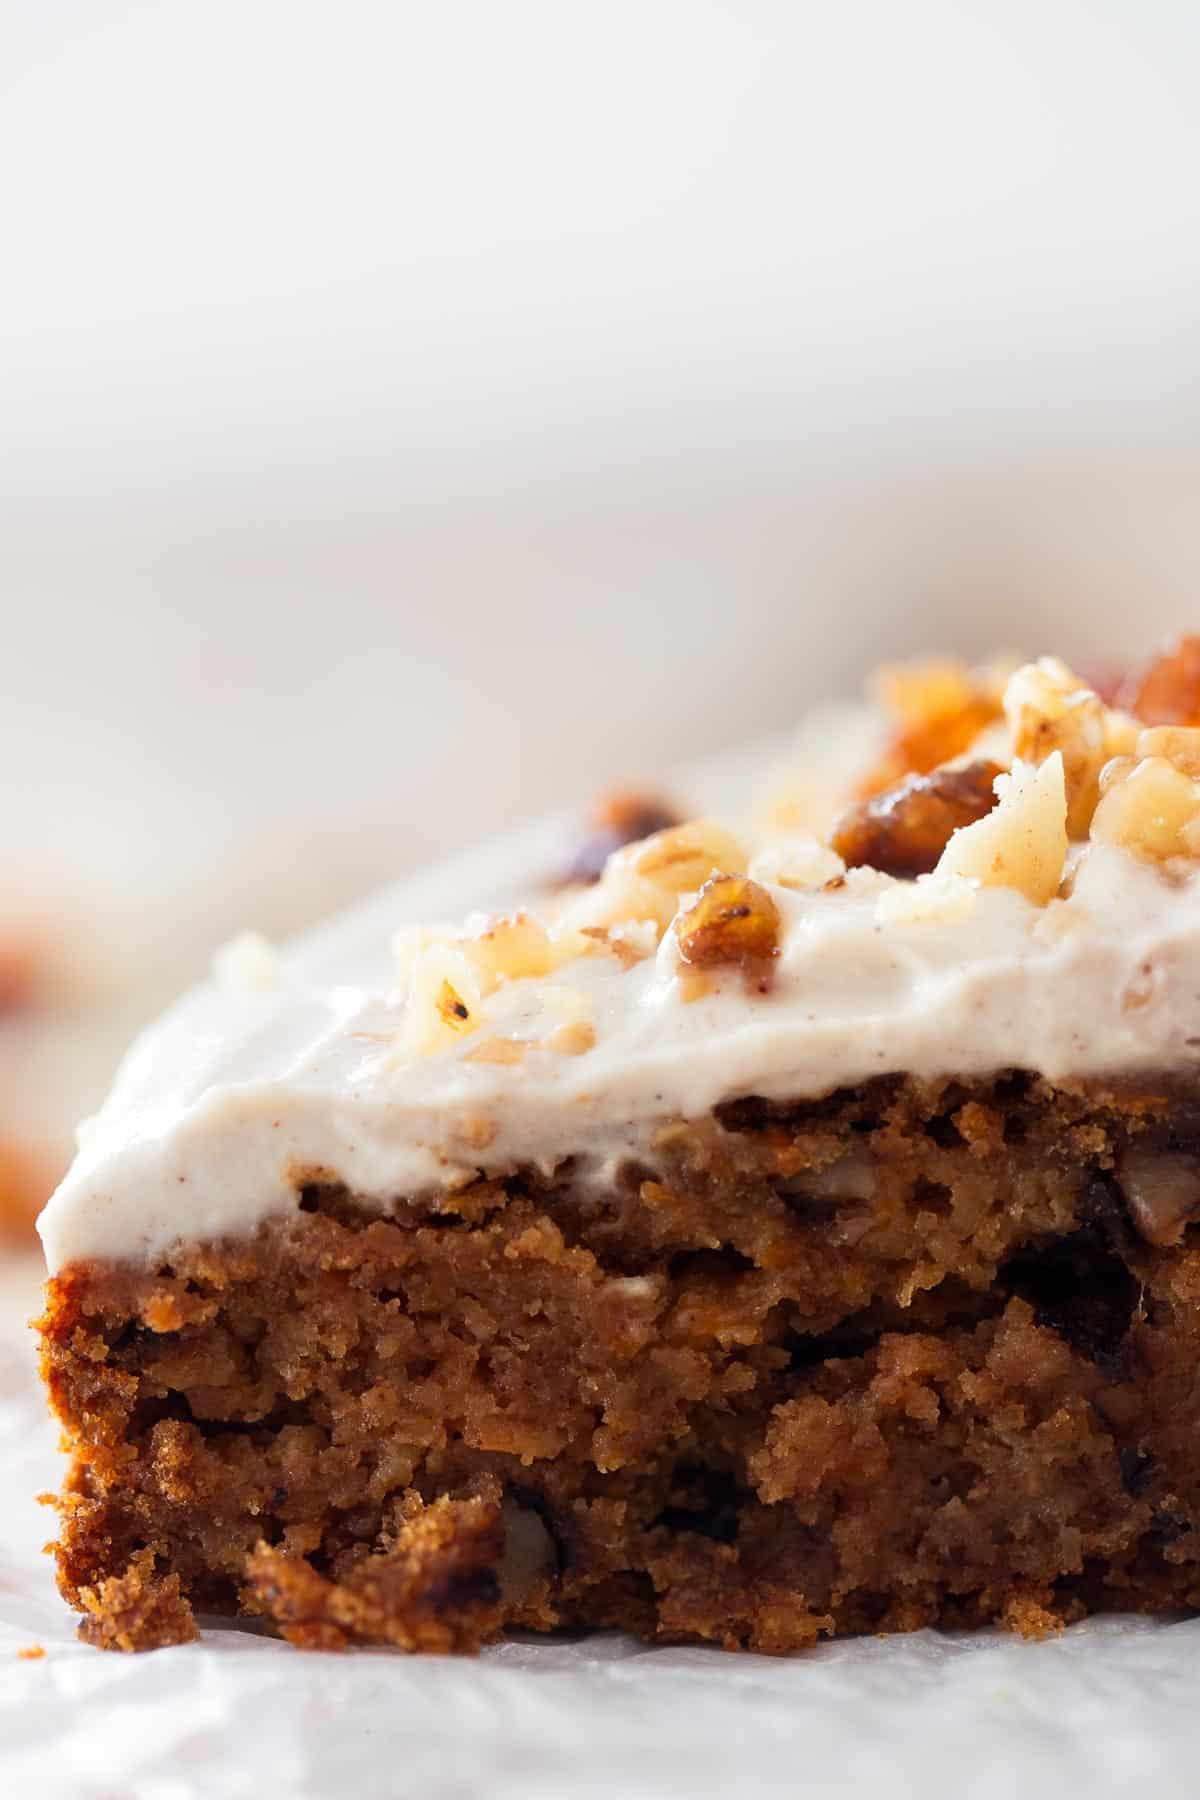 Frosting Vegano Saludable.- Hacer un frosting vegano y saludable es muy fácil. Se puede usar para hacer tartas, cupcakes o lo que se os ocurra. Está riquísimo, ¡no os lo podéis perder!